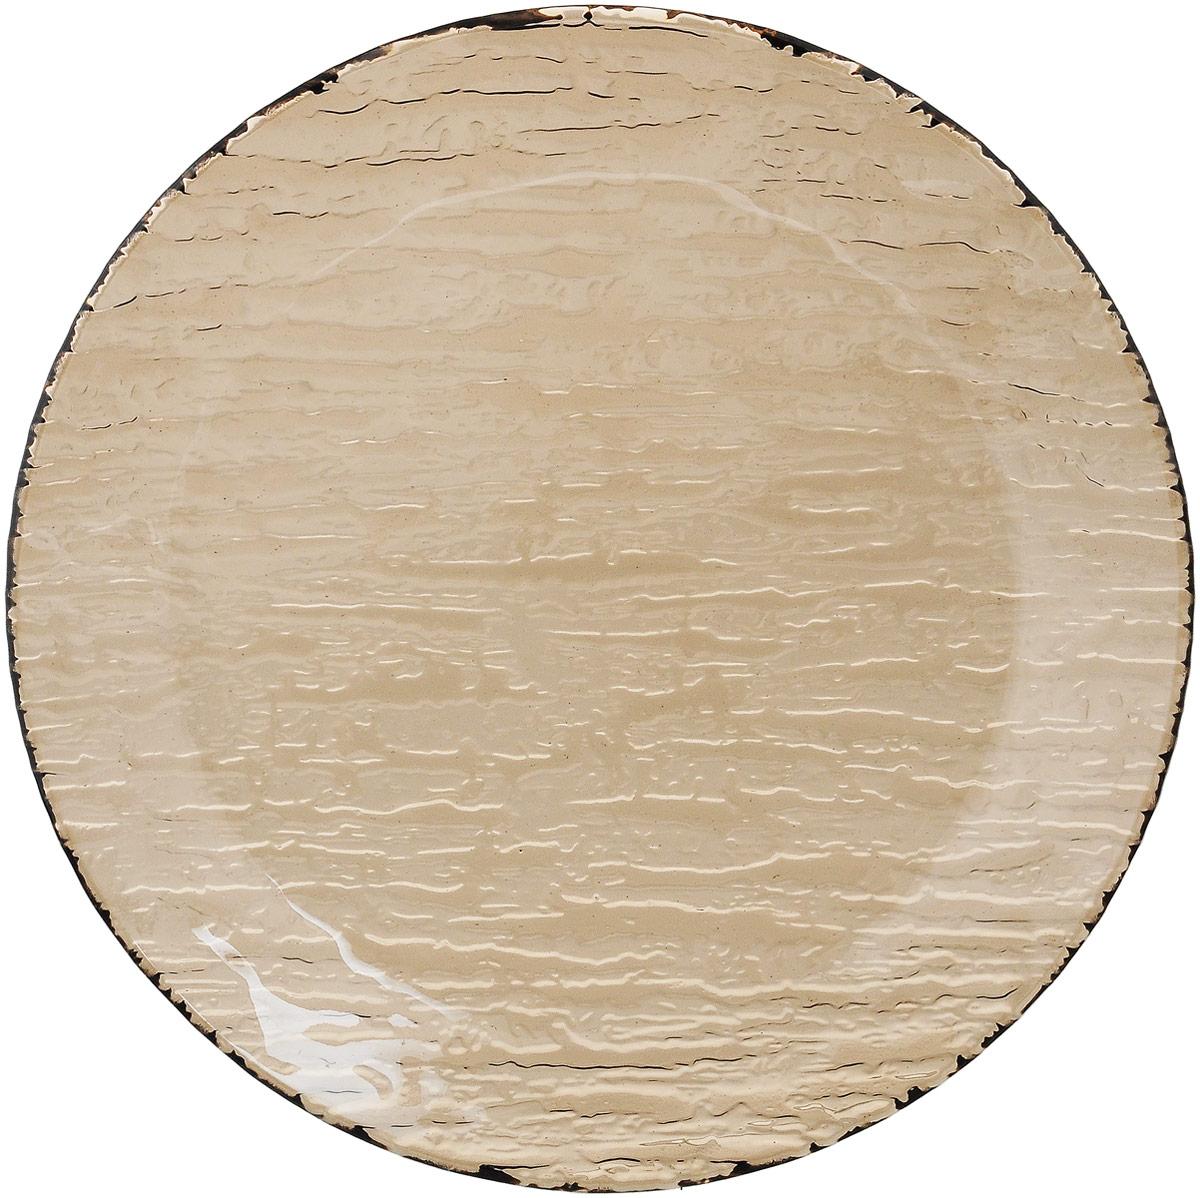 Тарелка десертная Vellarti Водопад, диаметр 20 смAD10-19VBДесертная тарелка Vellarti Водопад, изготовленная из высококачественного стекла, имеет изысканный внешний вид. Такая тарелка прекрасно подходит как для торжественных случаев, так и для повседневного использования. Идеальна для подачи десертов, пирожных, тортов и многого другого. Она прекрасно оформит стол и станет отличным дополнением к вашей коллекции кухонной посуды. Можно использовать в посудомоечной машине и СВЧ. Диаметр тарелки: 20 см. Высота тарелки: 1,7 см.